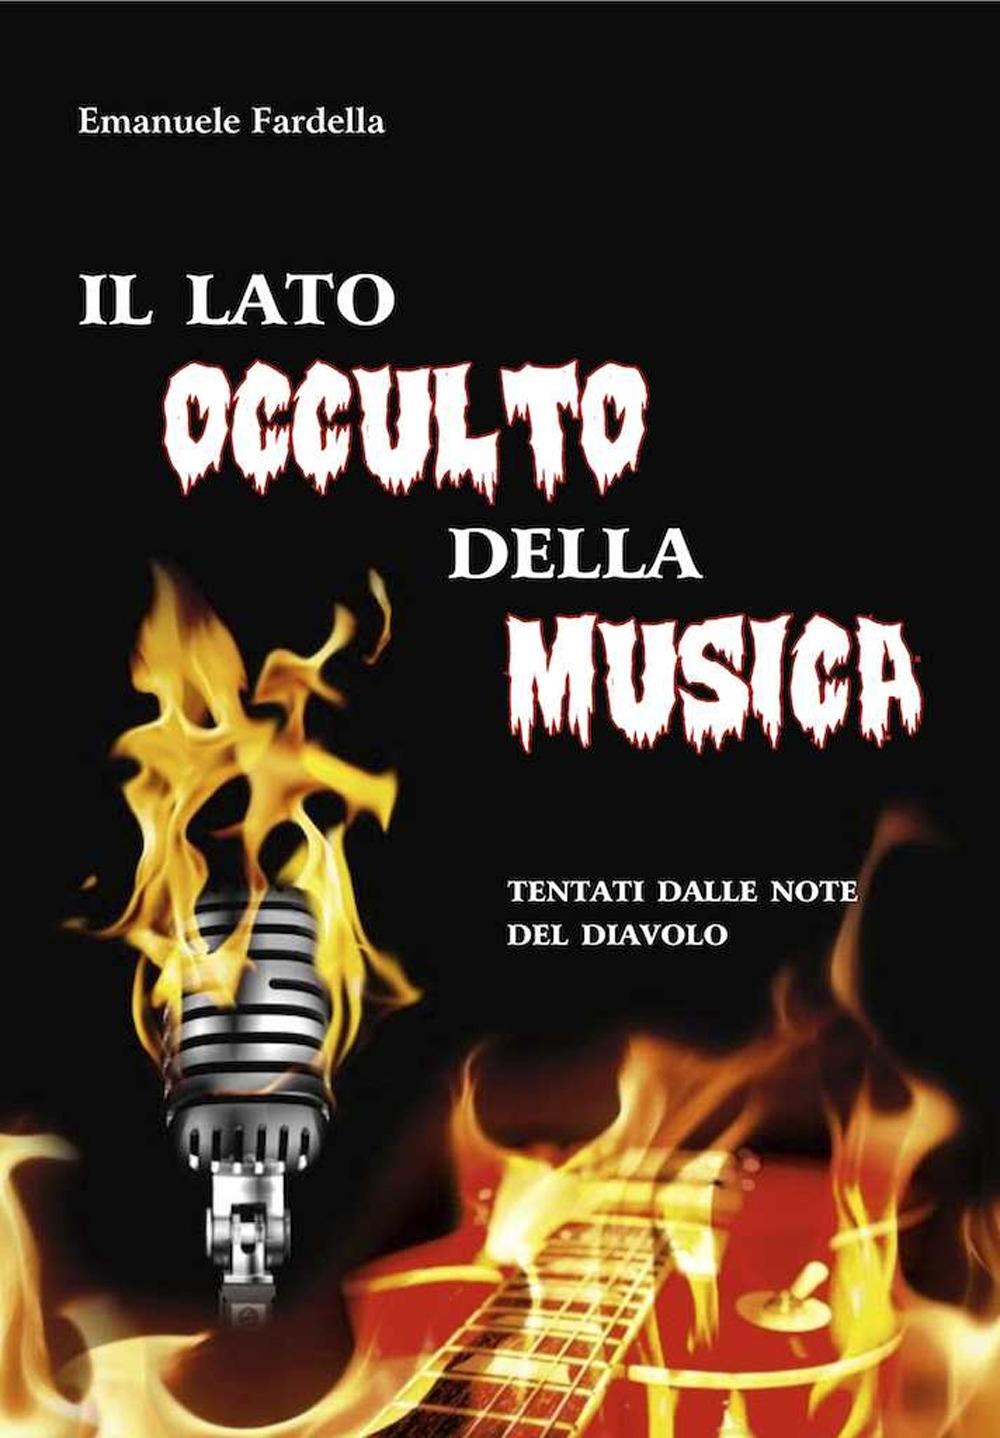 Il lato occulto della musica. Tentati dalle note del diavolo